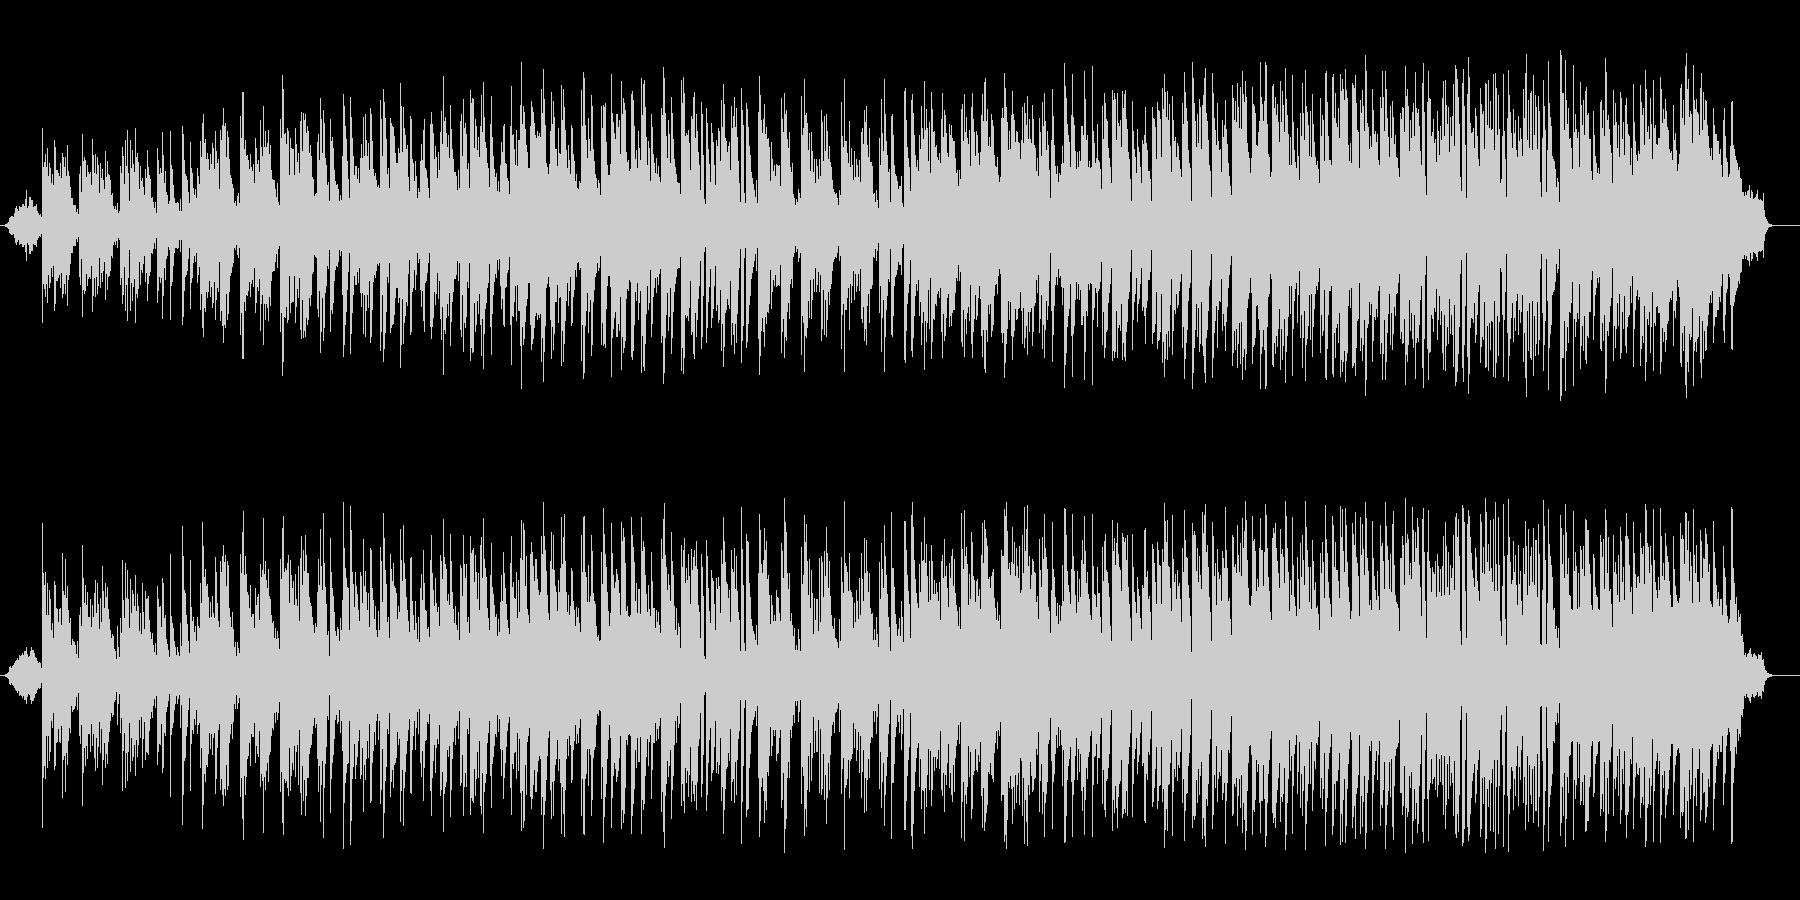 潤いのアコースティック・ギター・サウンドの未再生の波形